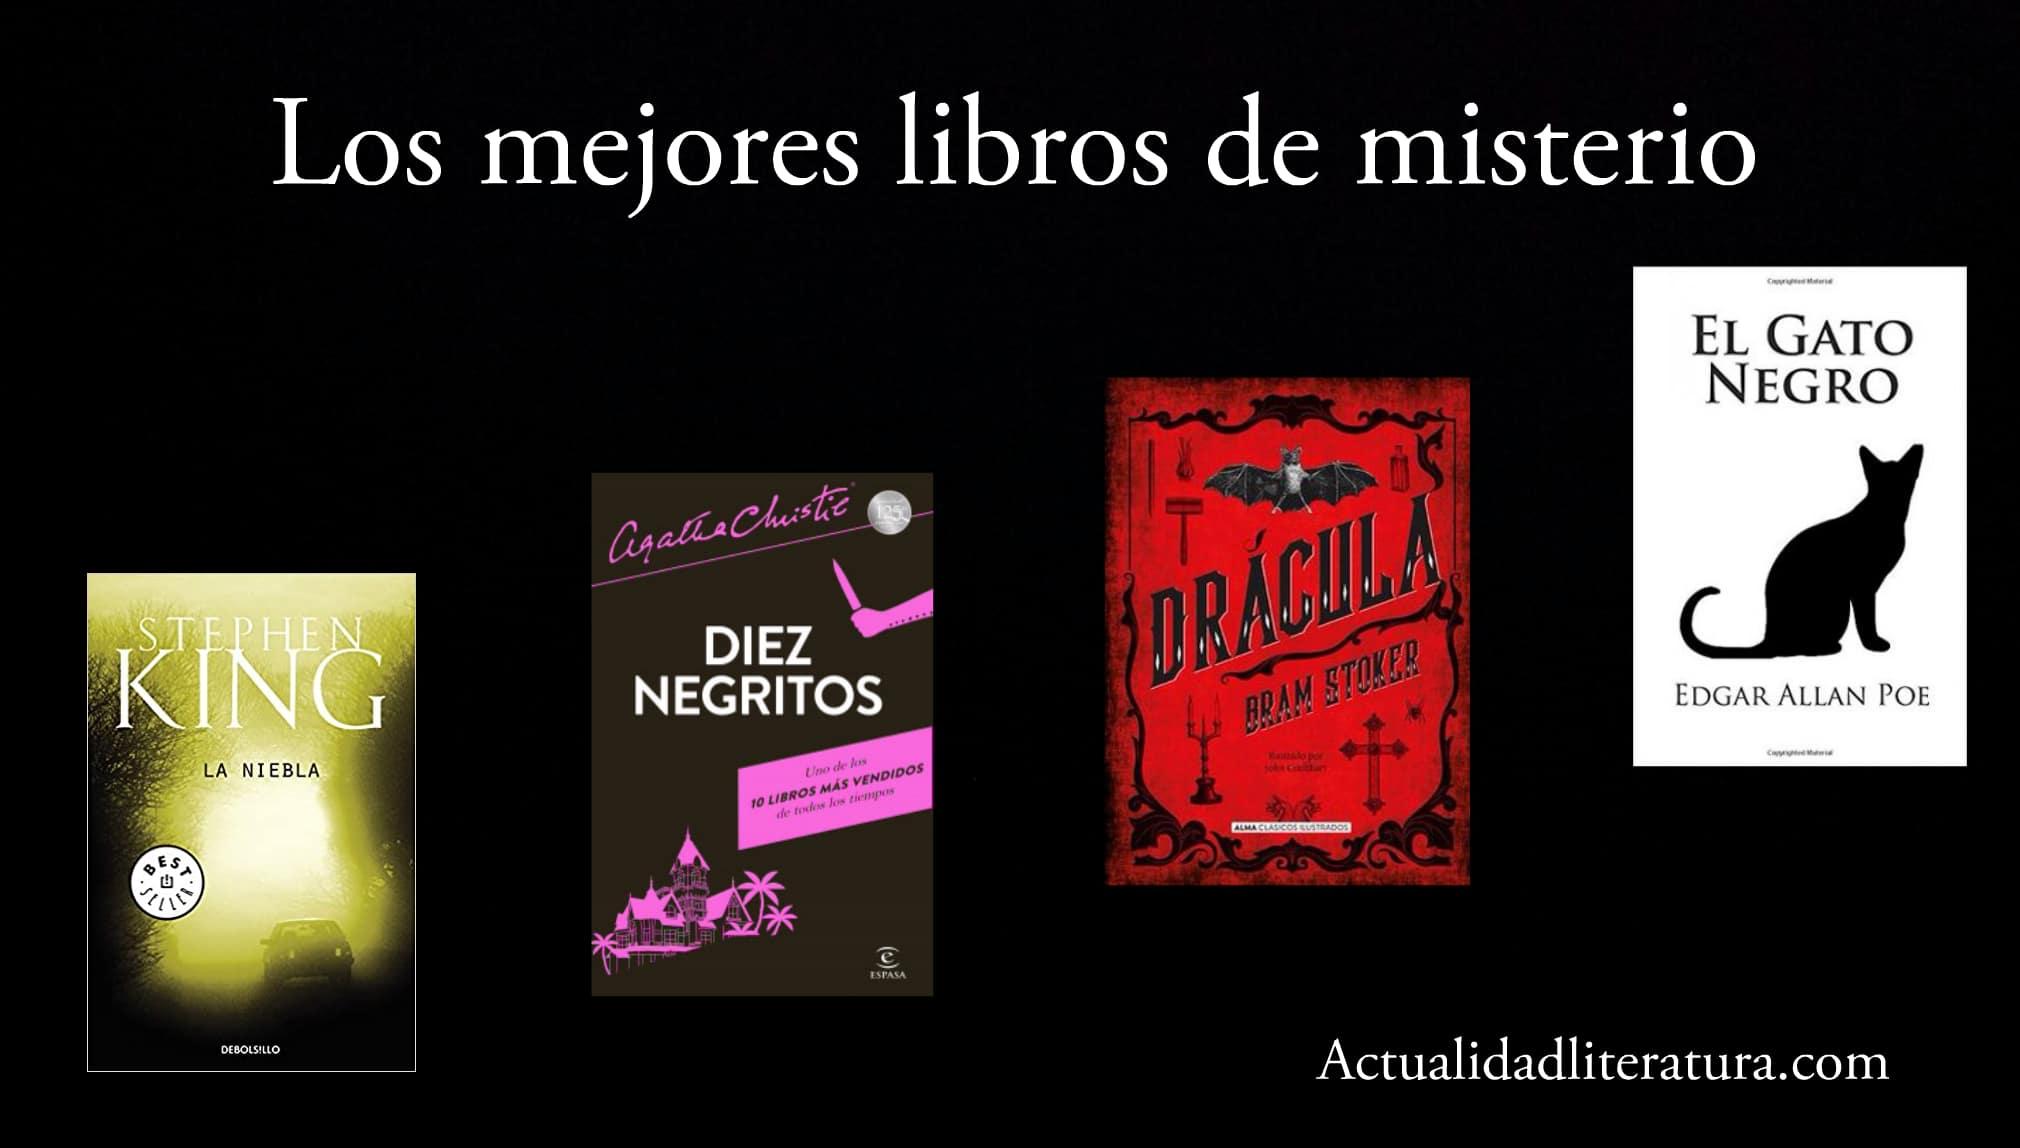 Los mejores libros de misterio